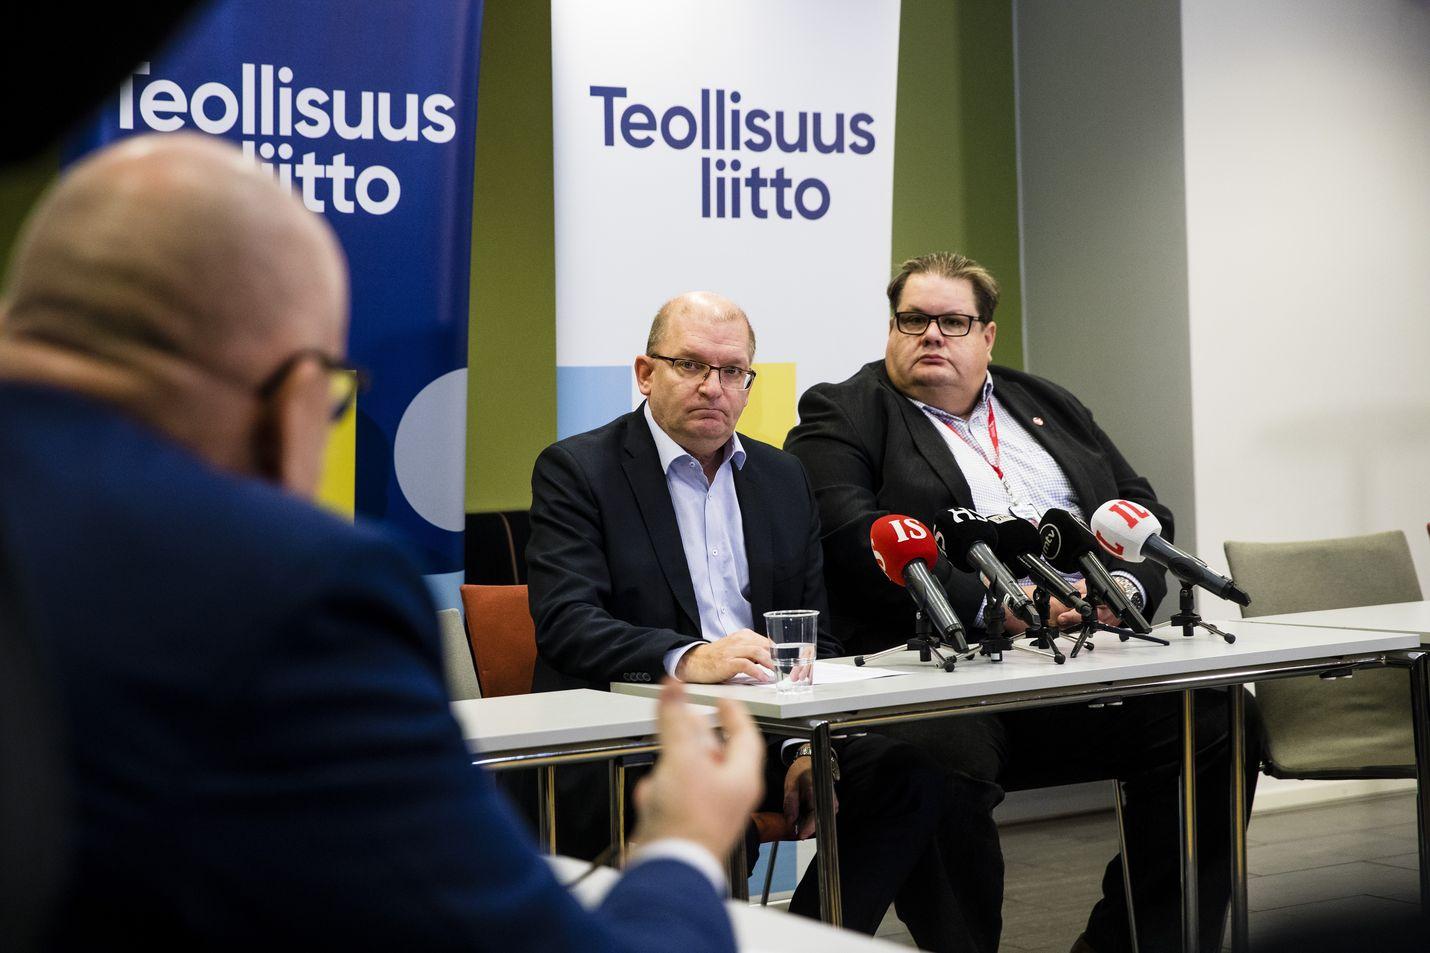 Puheenjohtaja Riku Aalto ja varapuheenjohtaja Turja Lehtonen (oik) kipparoivat parinsadan tuhannen jäsenen Teollisuusliittoa.